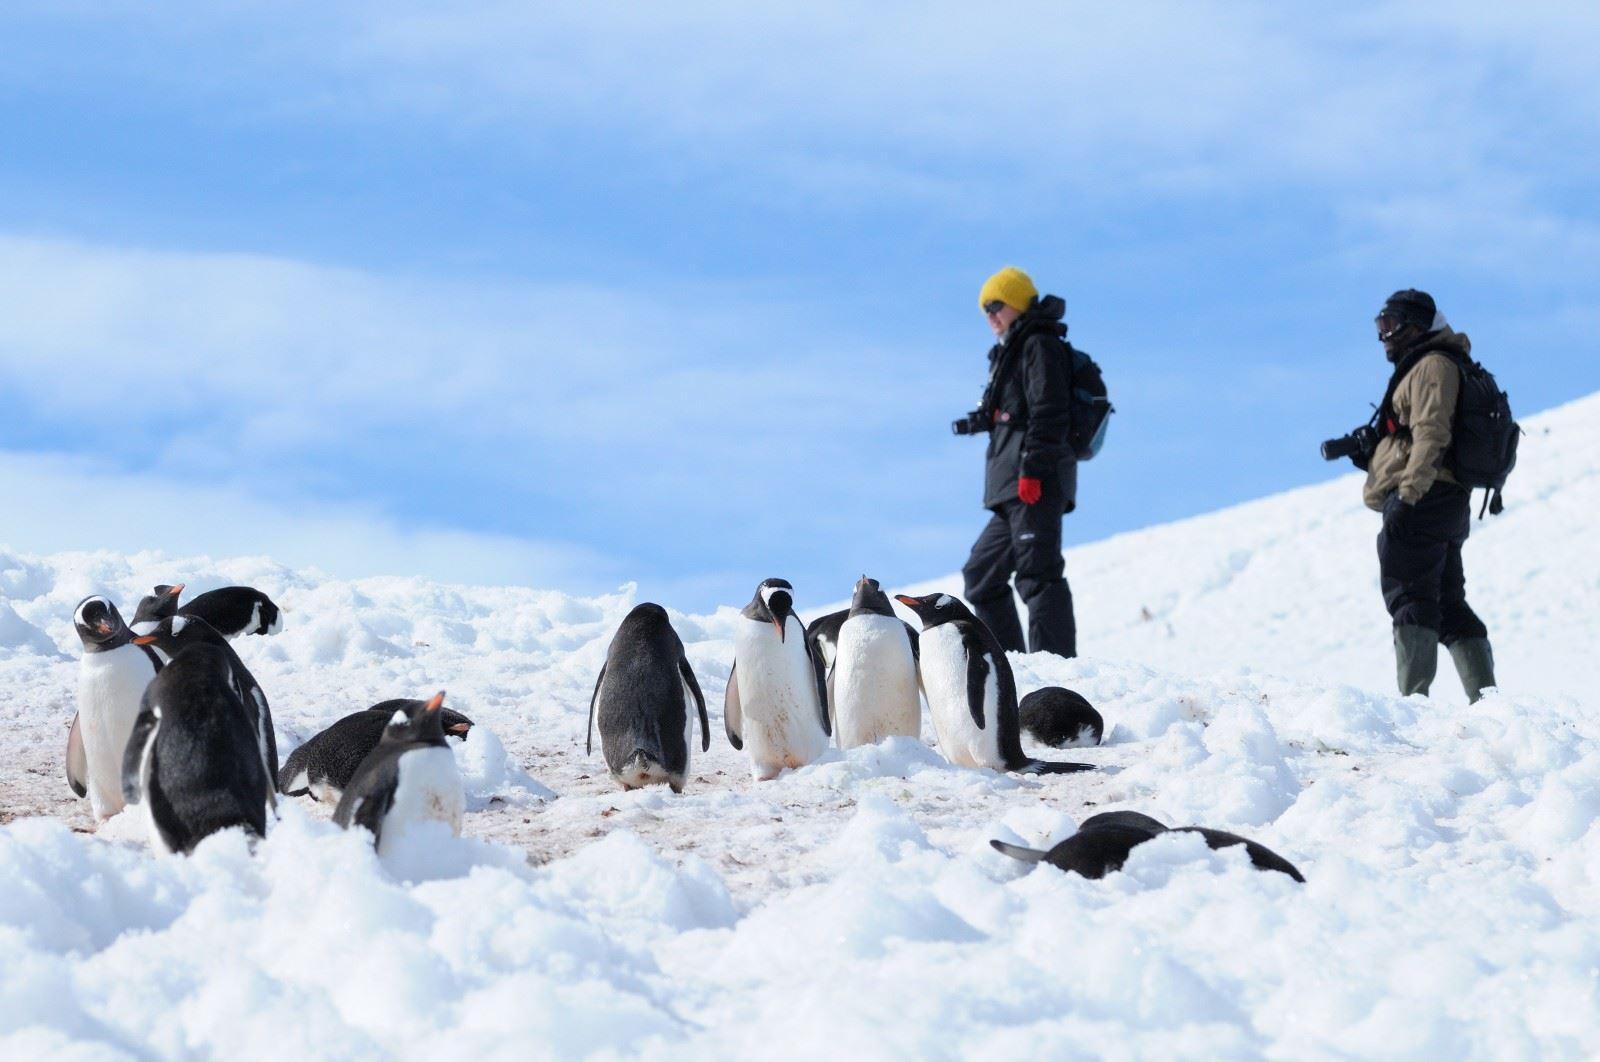 Cruzeiro Pela Peninsula Antartica E  Ilhas Shetland Do Sul